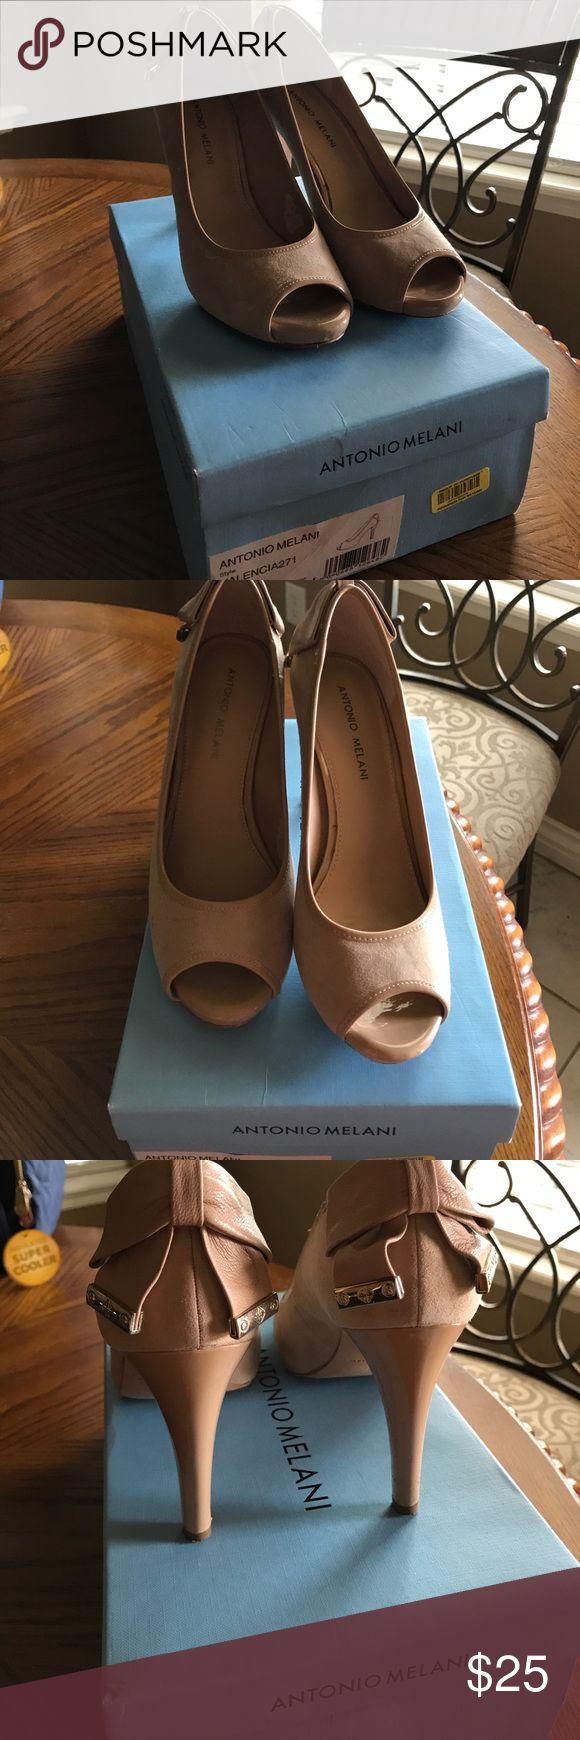 So Cute! Antonio Melani Fantastic condition! Beautiful Nude pair of heels ANTONIO MELANI Shoes Heels